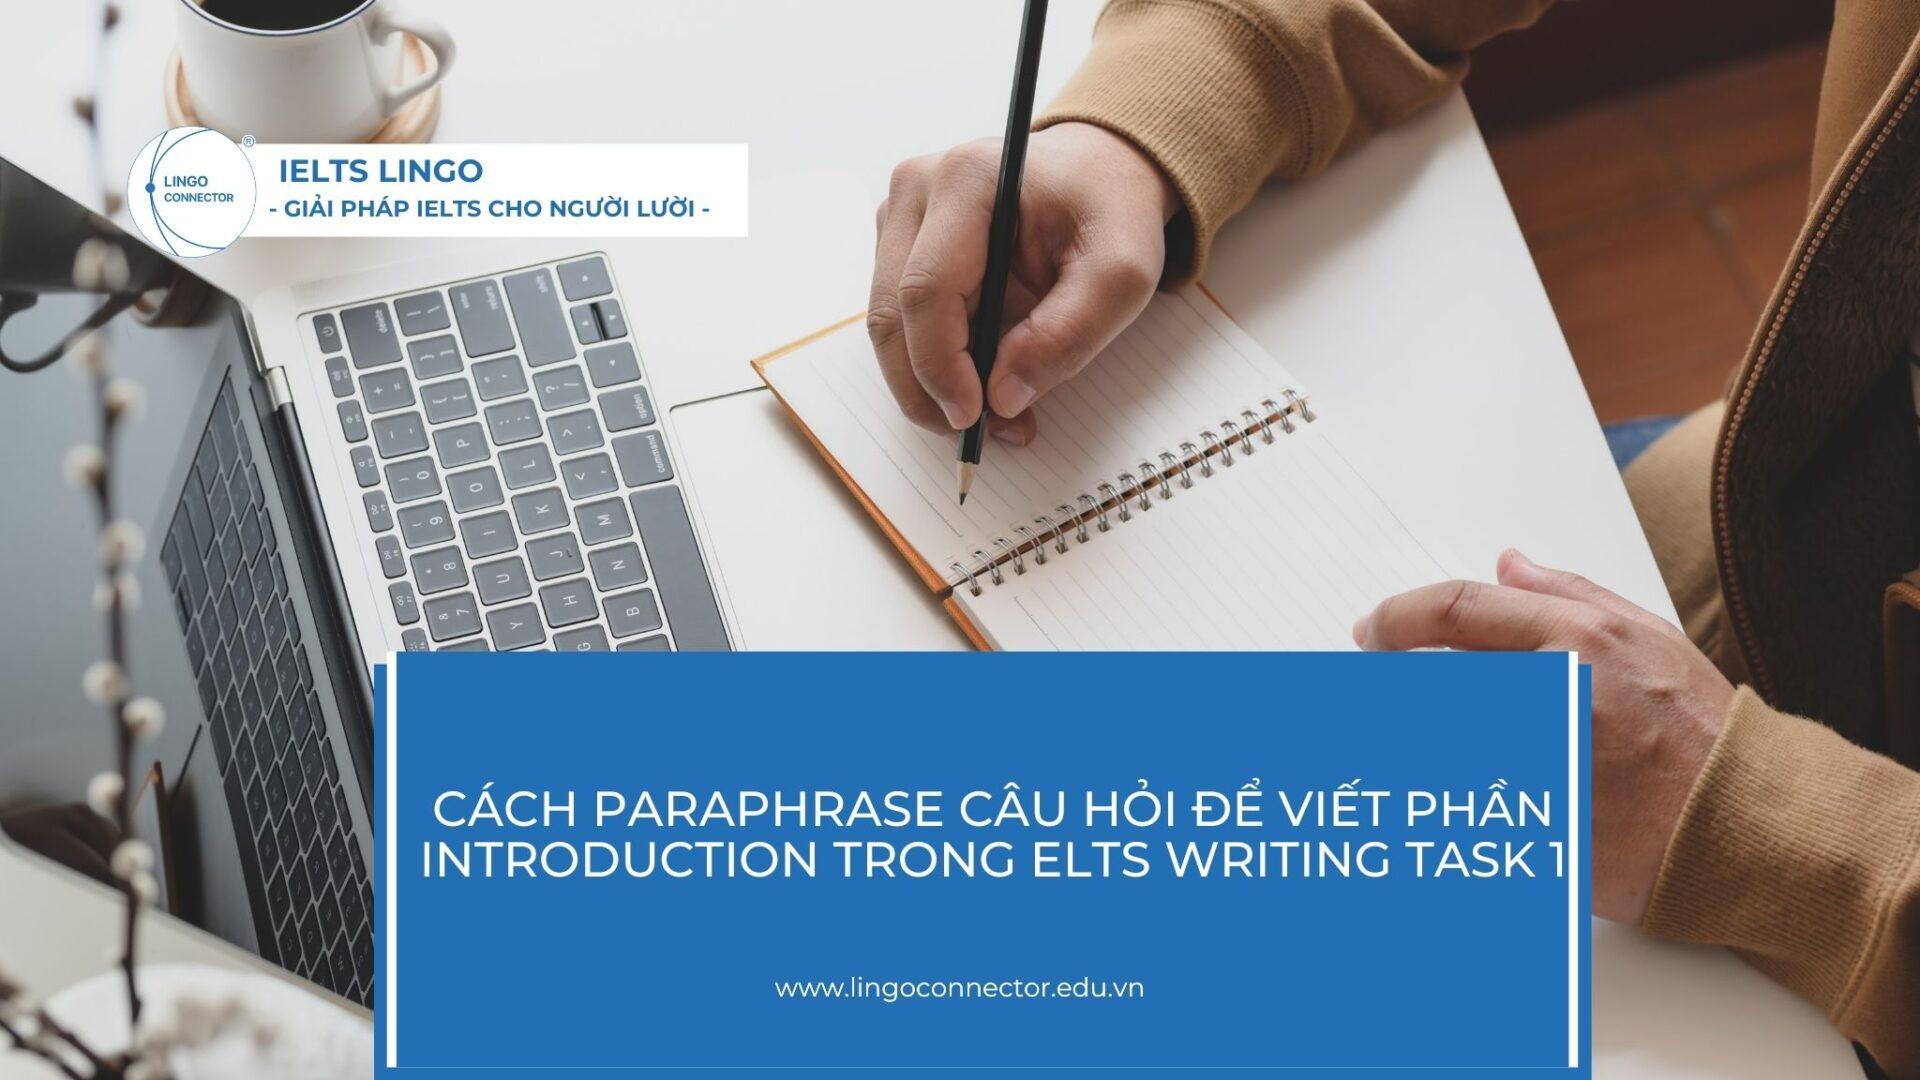 cach-paraphrase-cau-hoi